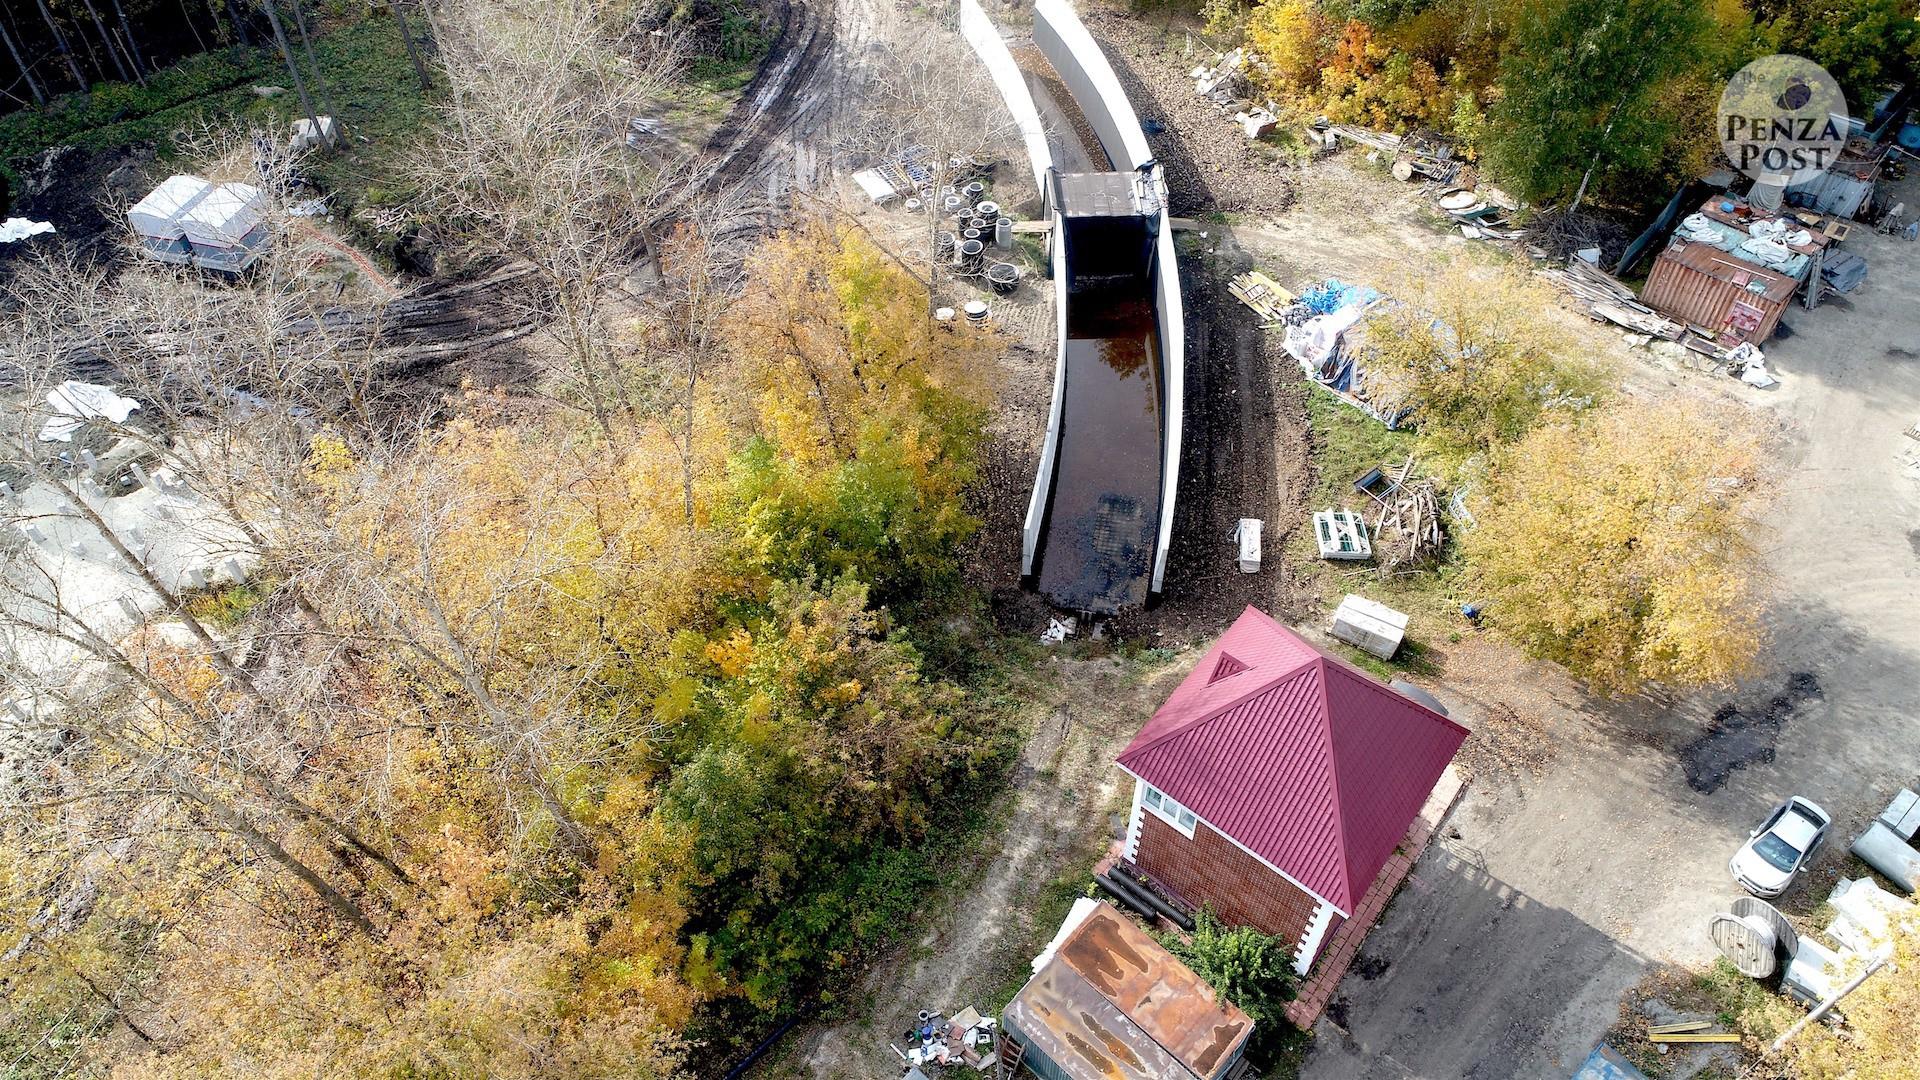 РЖД, похоже, сорвет заявленные сроки сдачи Детской железной дороги в Пензе после ее реконструкции - грустный фактчек